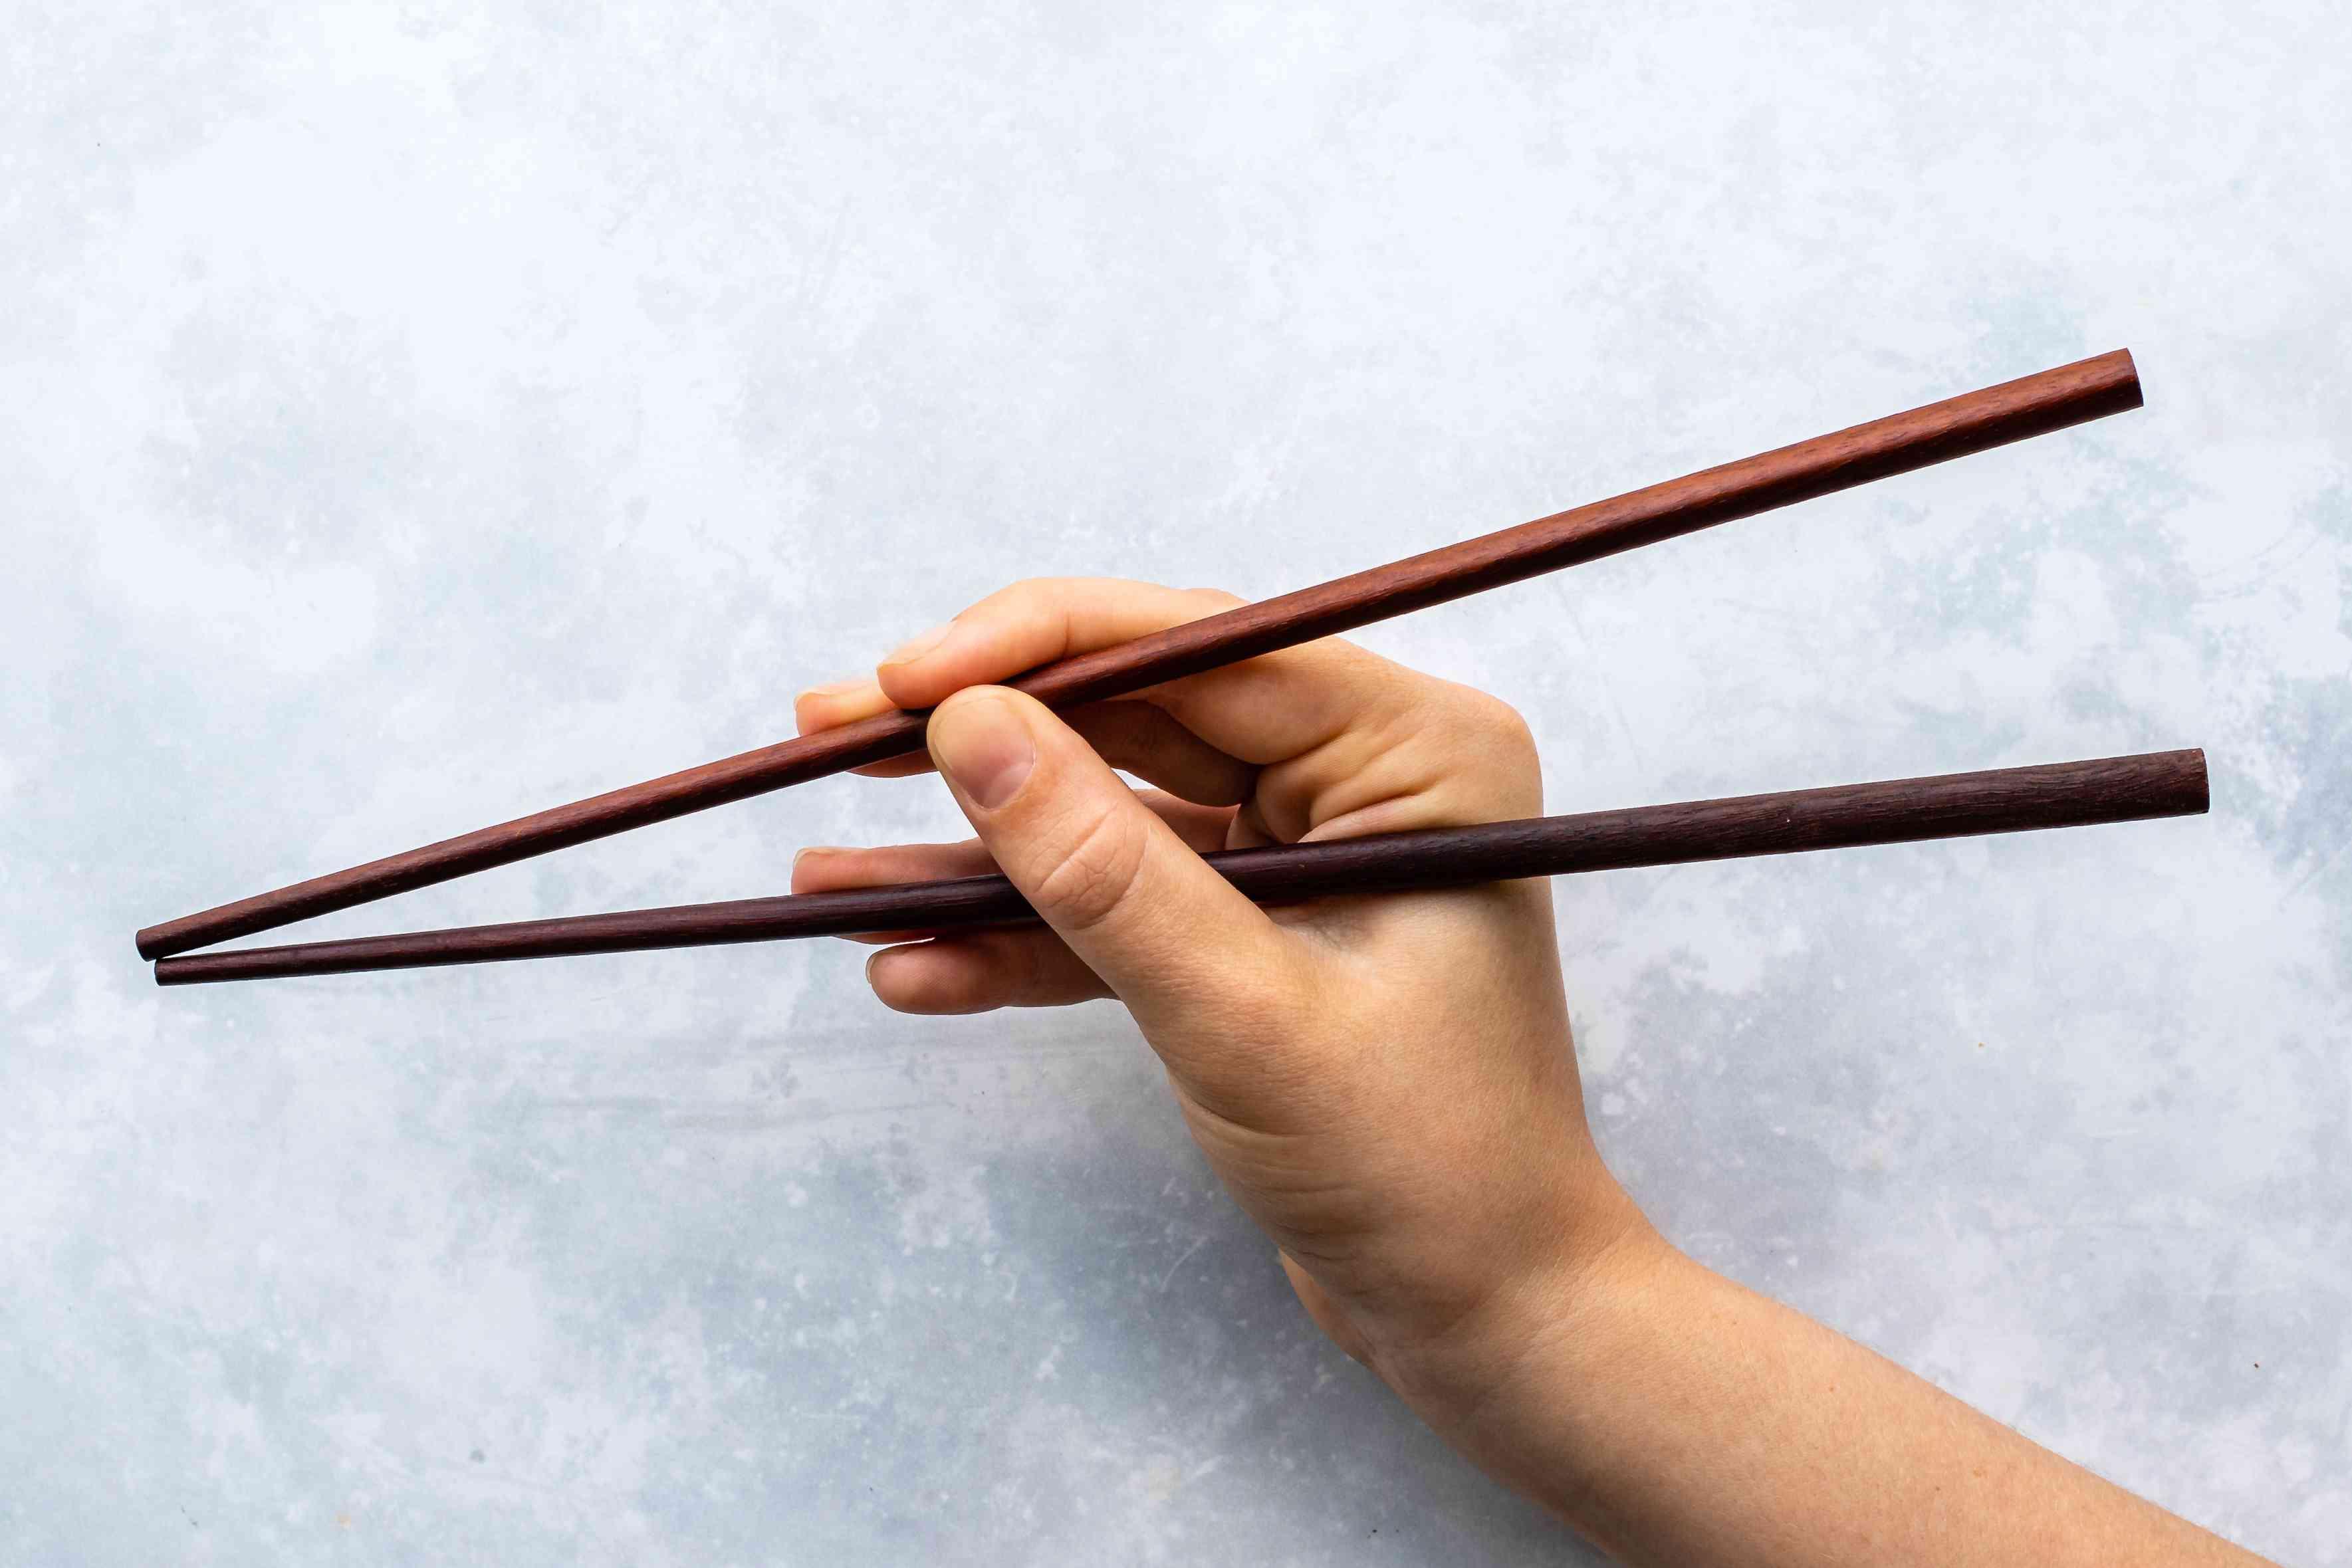 Pick up chopsticks